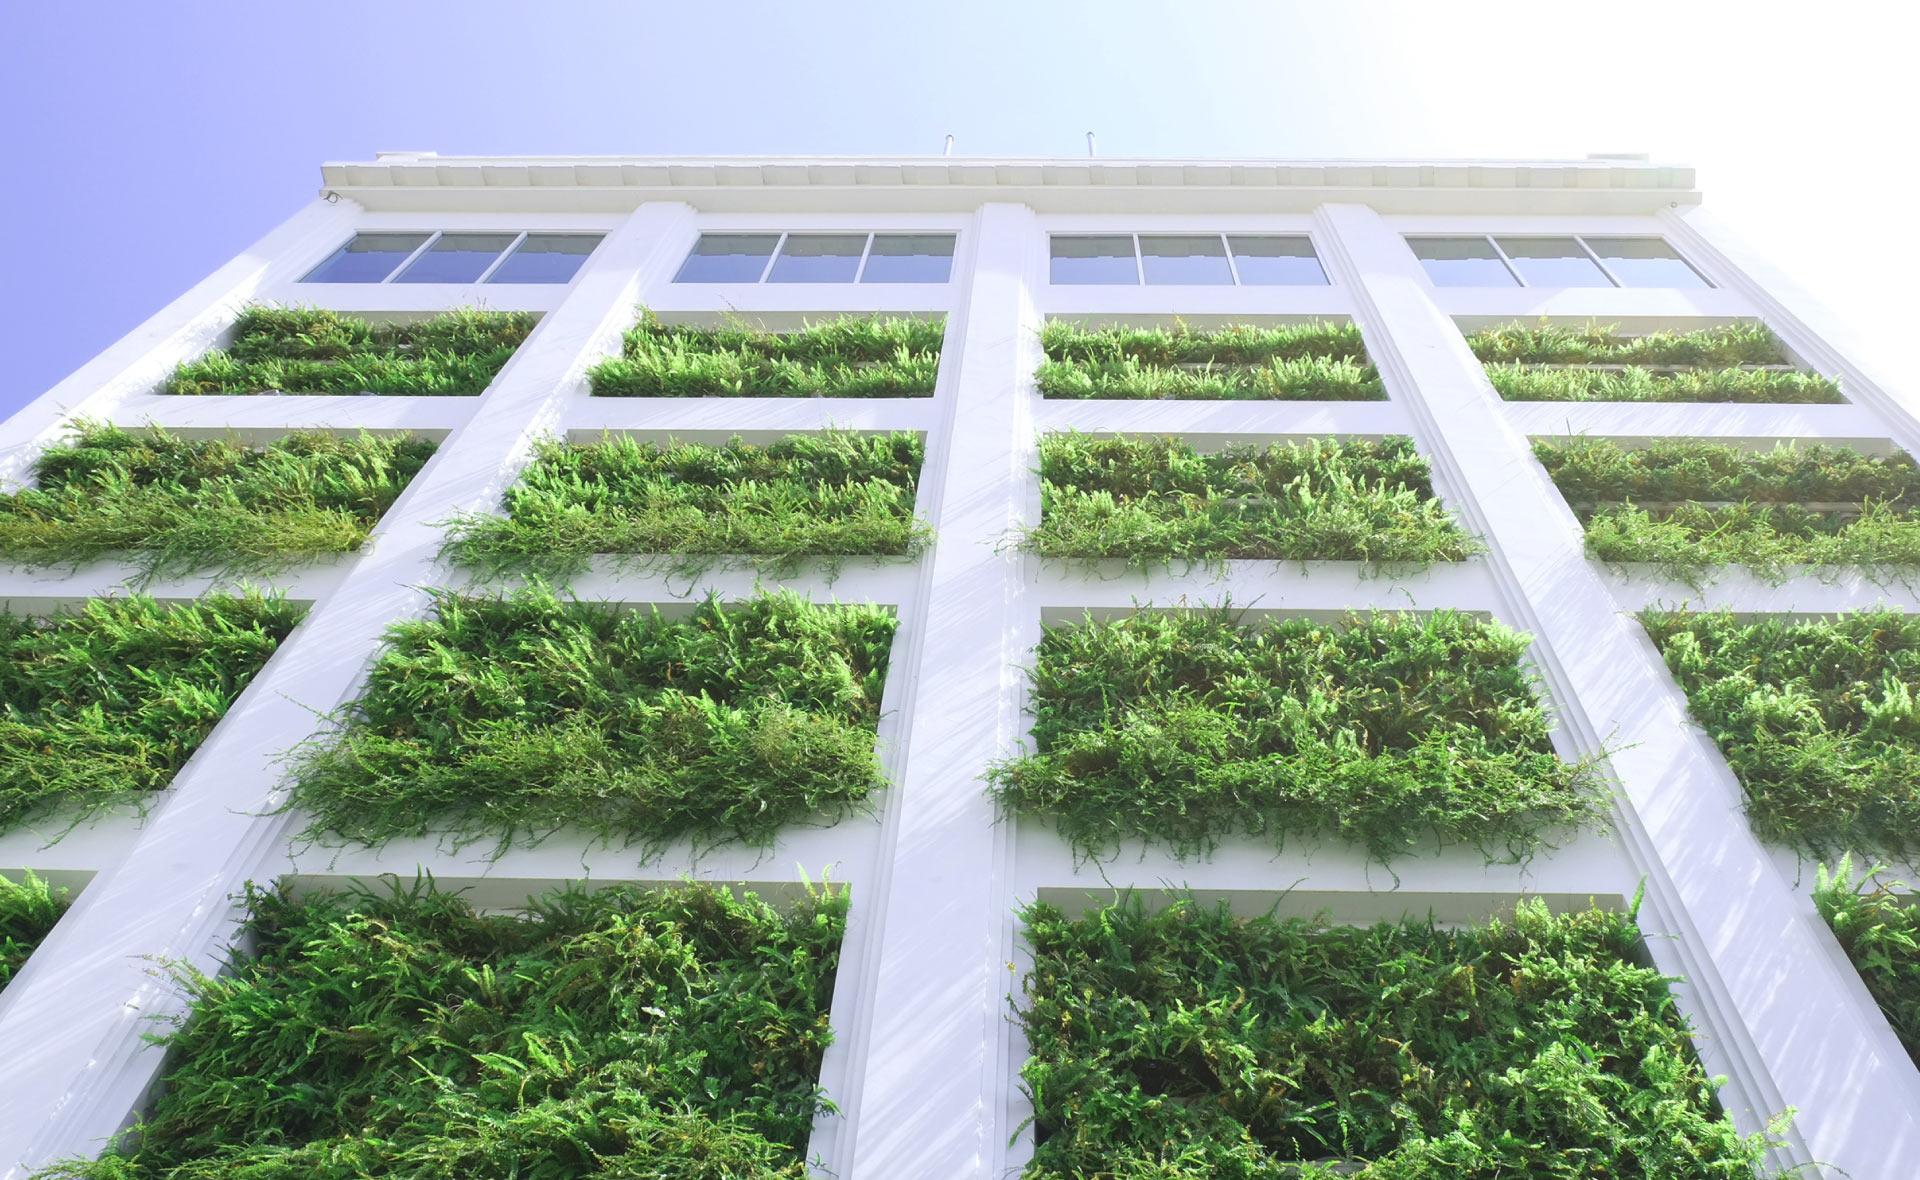 biomateriales-materiales-construccion-casas-sostenibilidad-renovables-sector-inmobiliario-cuidado-medioambiente-concienciacion